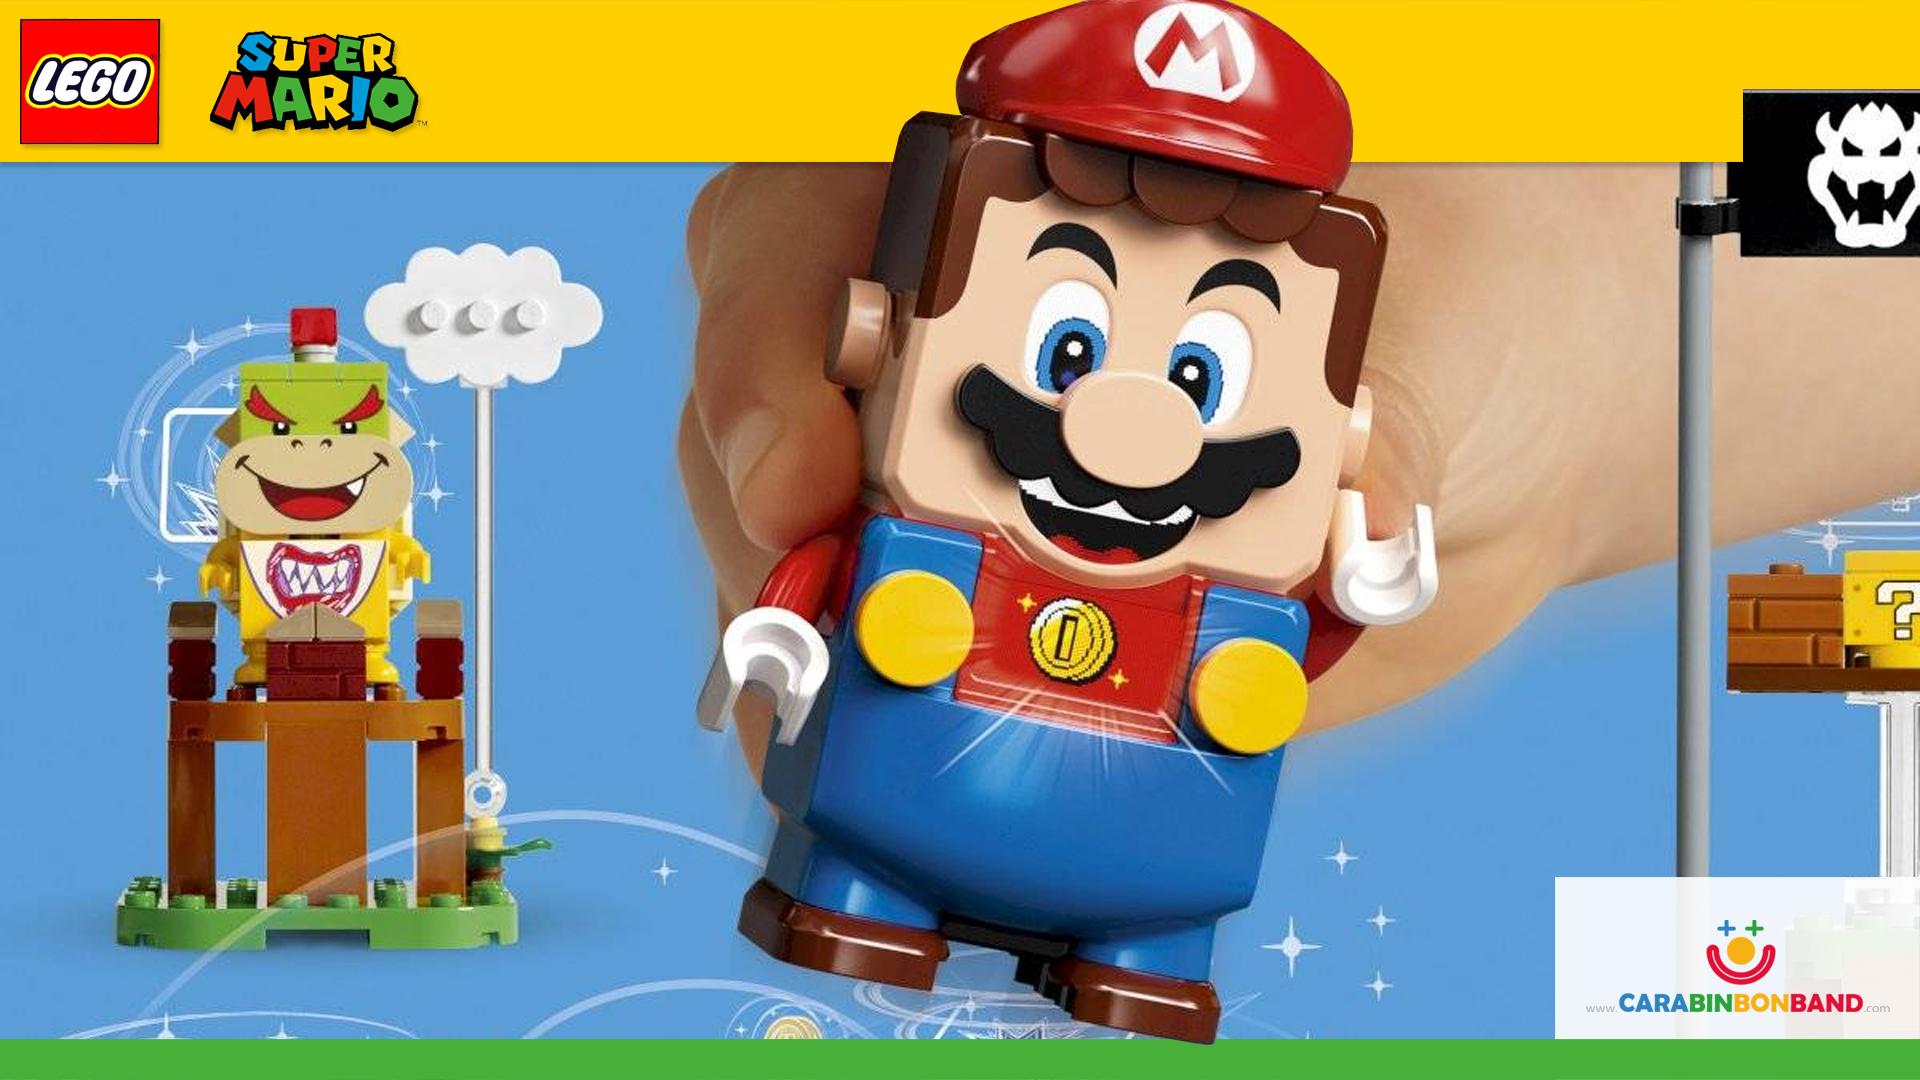 Nuevo LEGO Super MARIO - Todos los sets y complementos